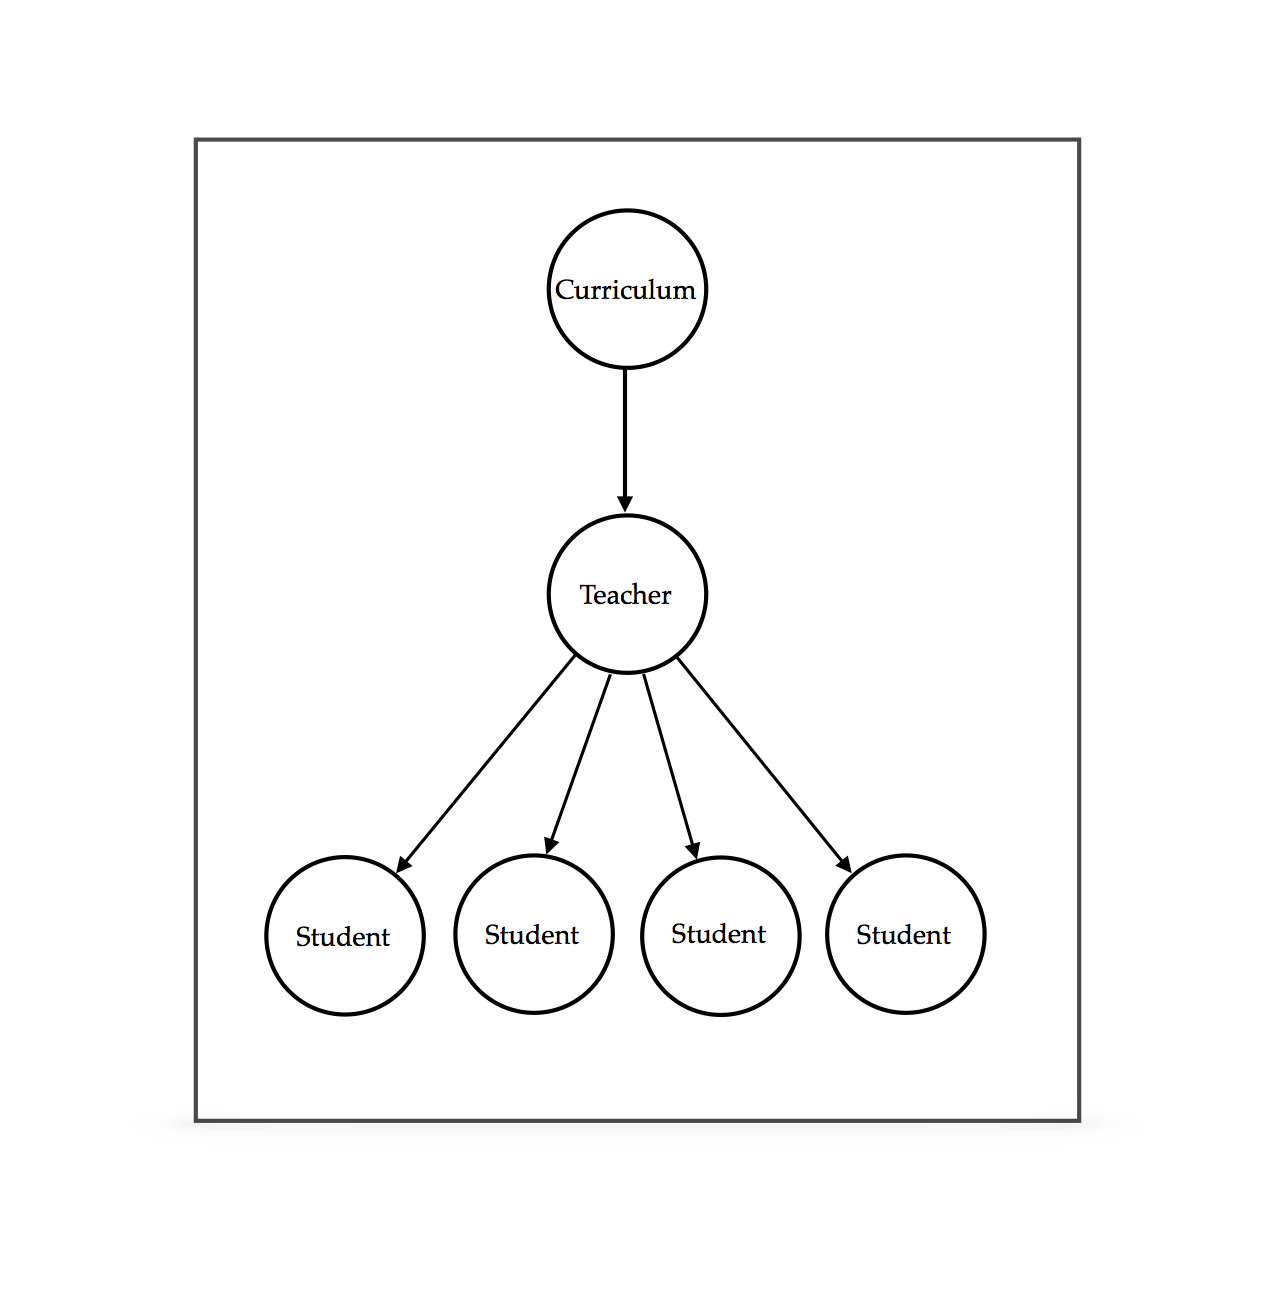 Curriculum transfer diagram.png